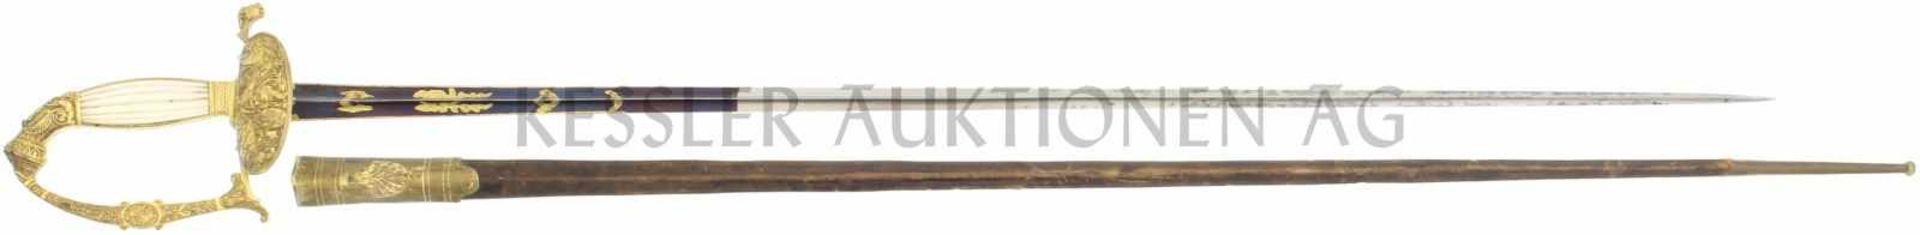 Degen für Stabsoffiziere und höhere Beamte, franz. Mod 1786 800mm lange hohlgeschliffene